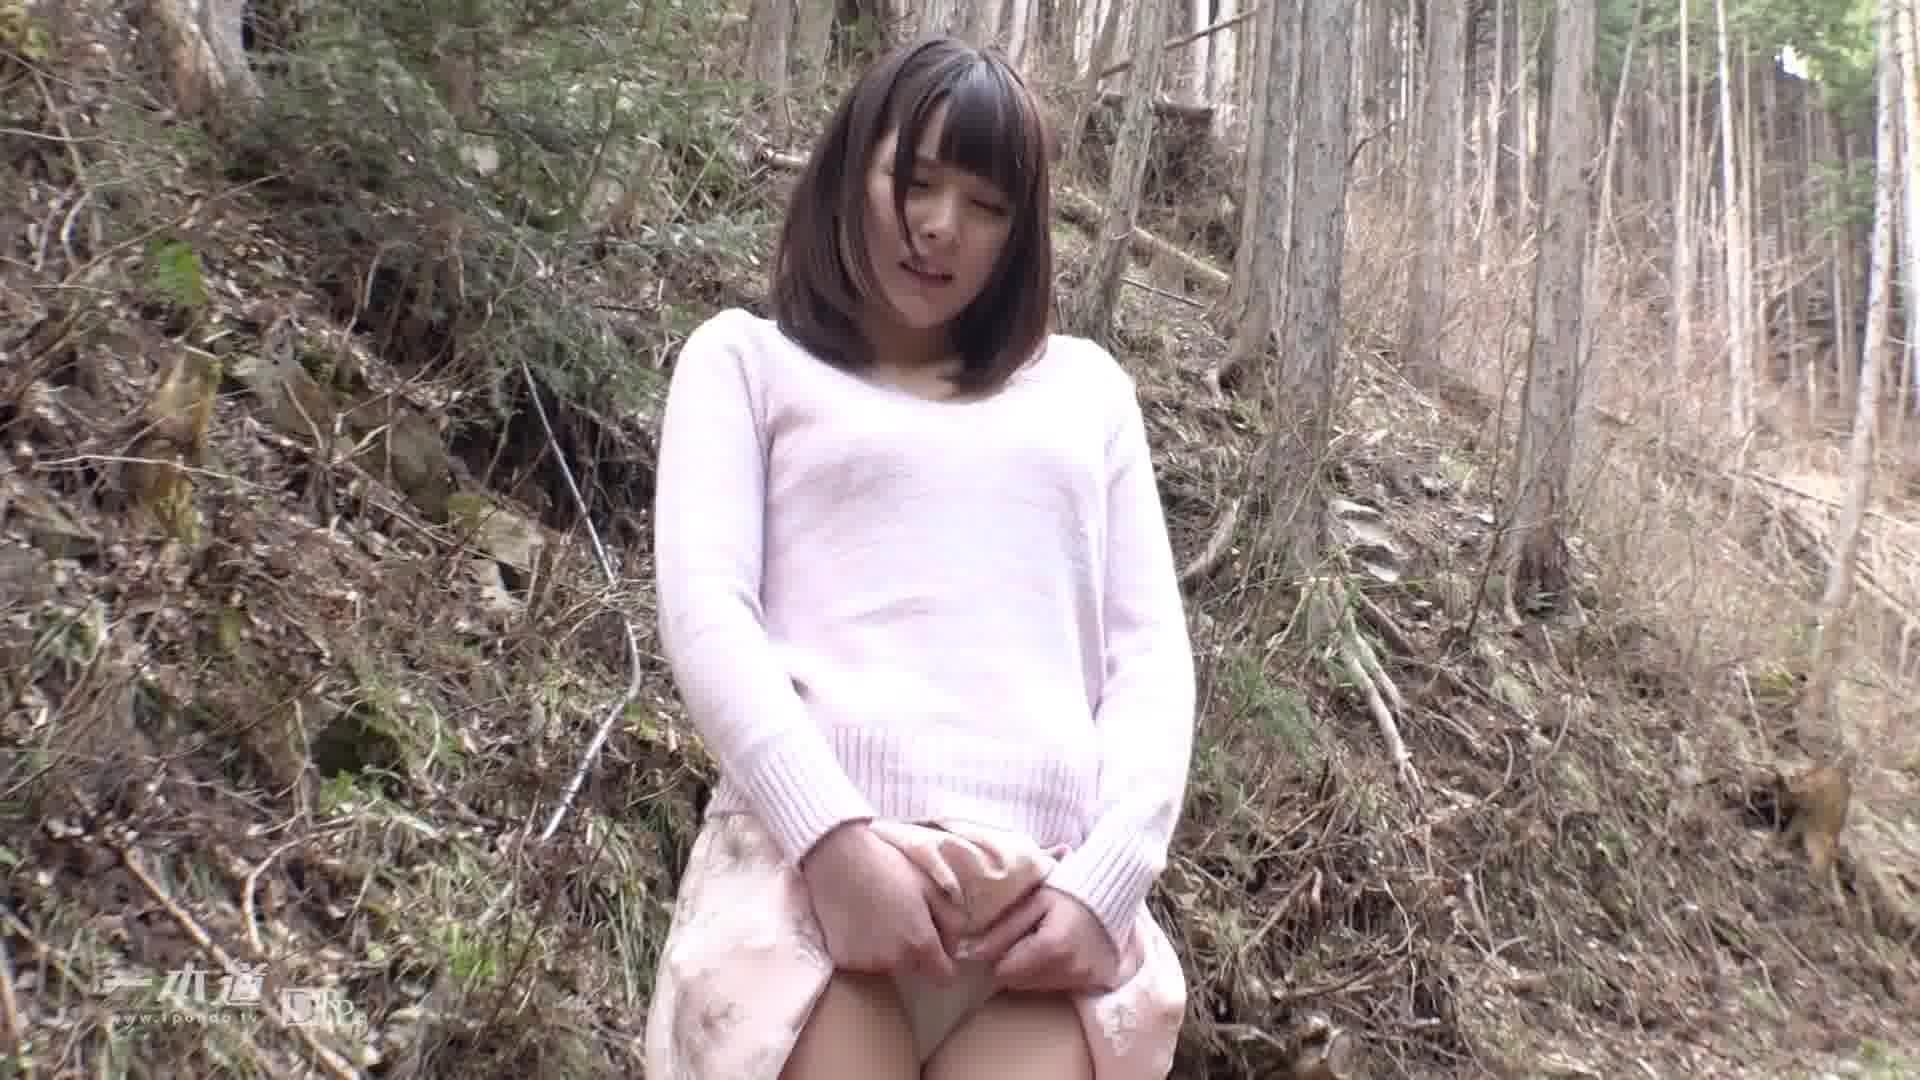 サマーヌード ときめき ~俺だけのみほのと温泉旅行~ - みほの【野外露出・浴衣・中出し】